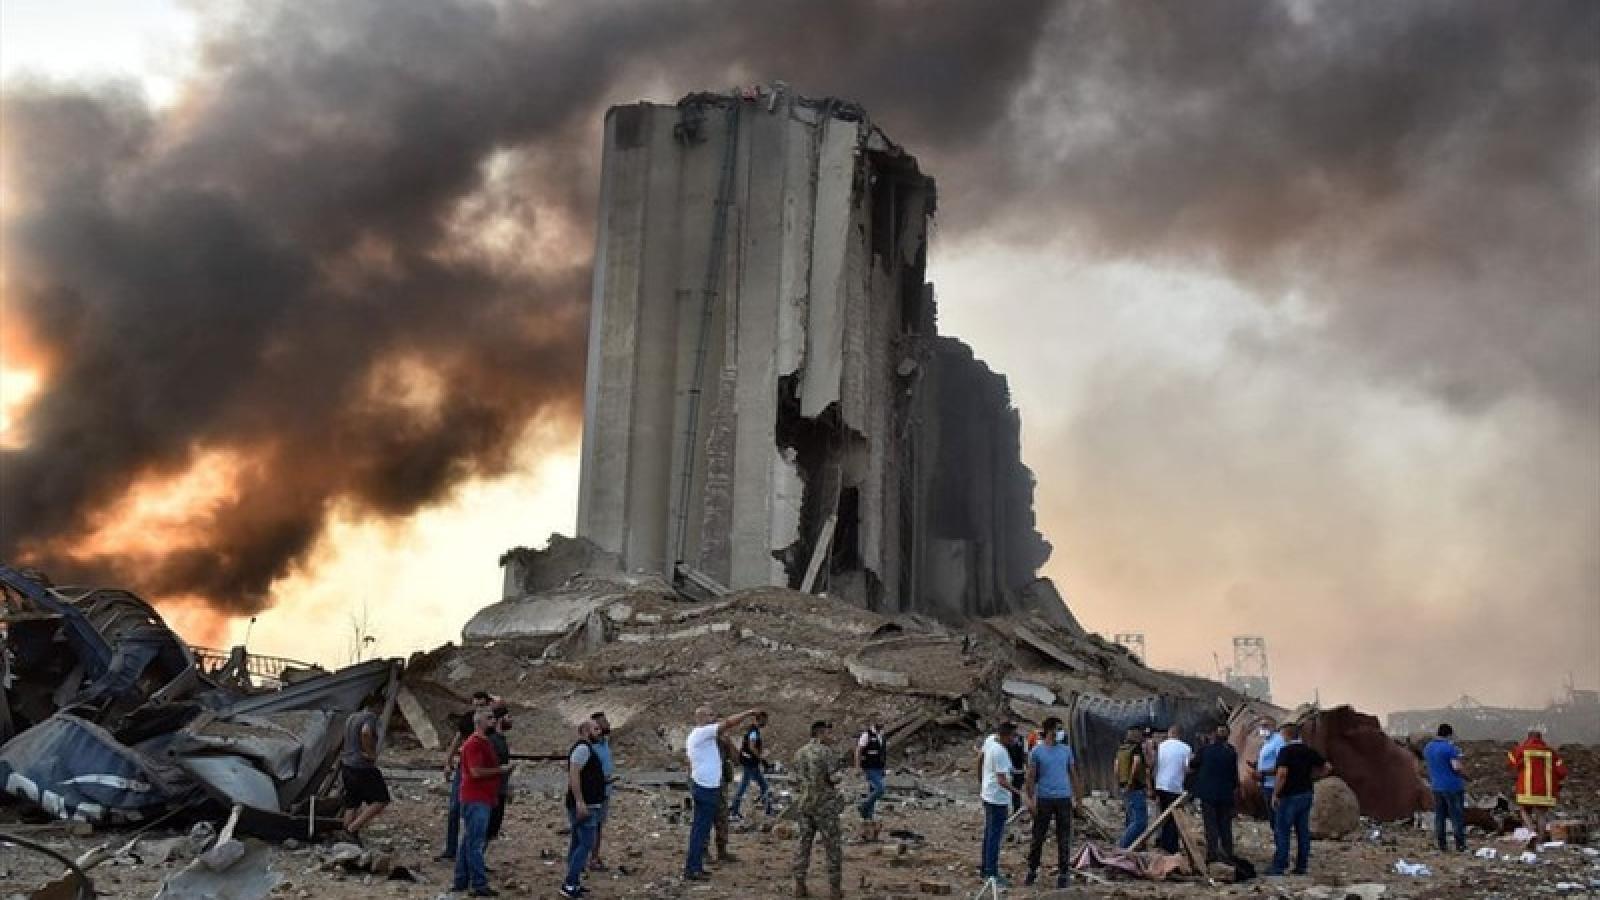 Tổng thống Lebanon: Sẽ có hình phạt nghiêm khắc sau vụ nổ ở Beirut